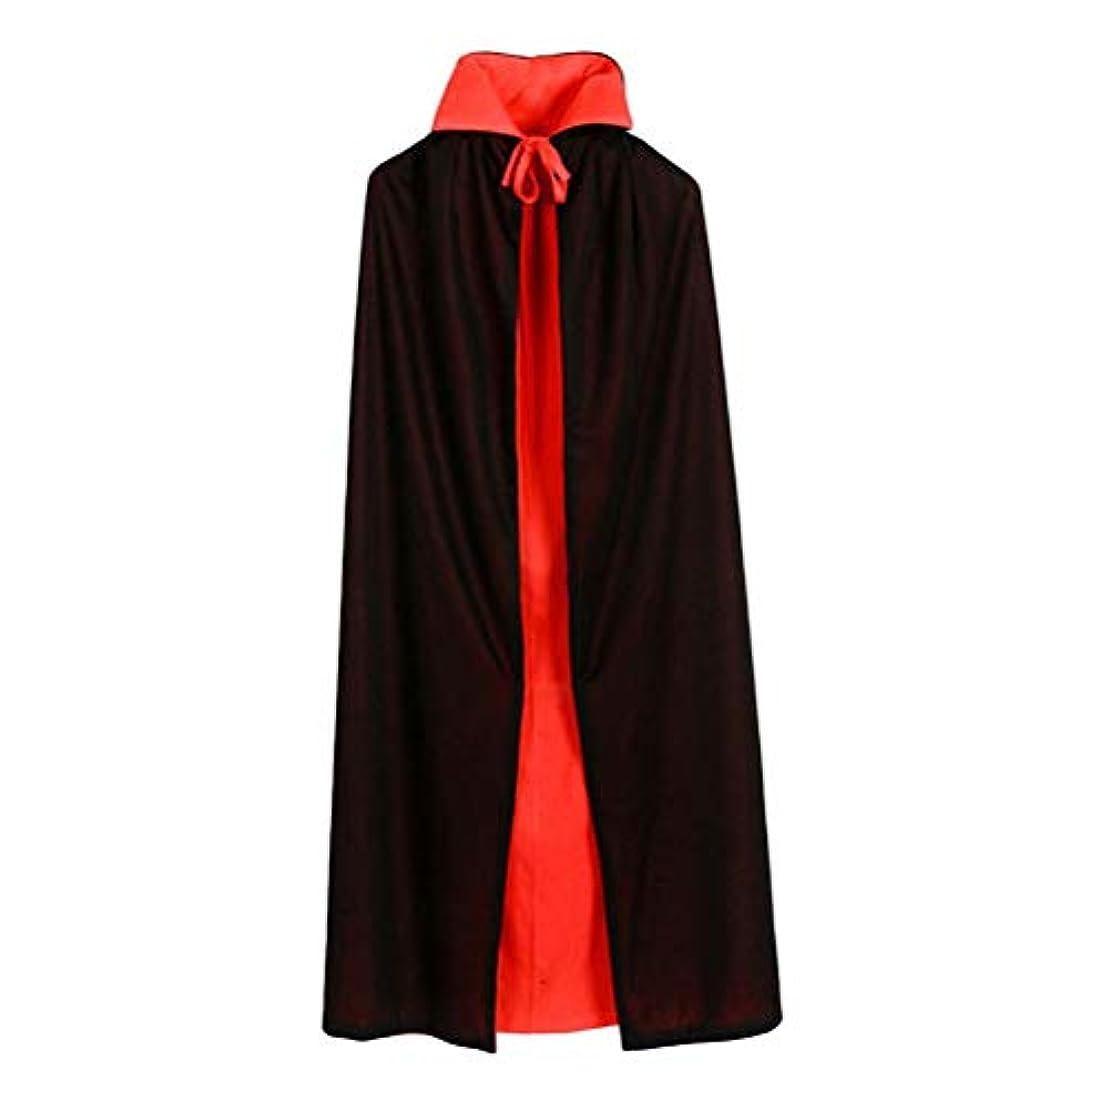 修羅場速報酸化物Toyvian ヴァンパイアマント二重層黒と赤のフード付きマントヴァンパイアコスチュームコスプレケープは男の子と女の子のためにドレスアップ(90cmストレートカラーダブルマント)